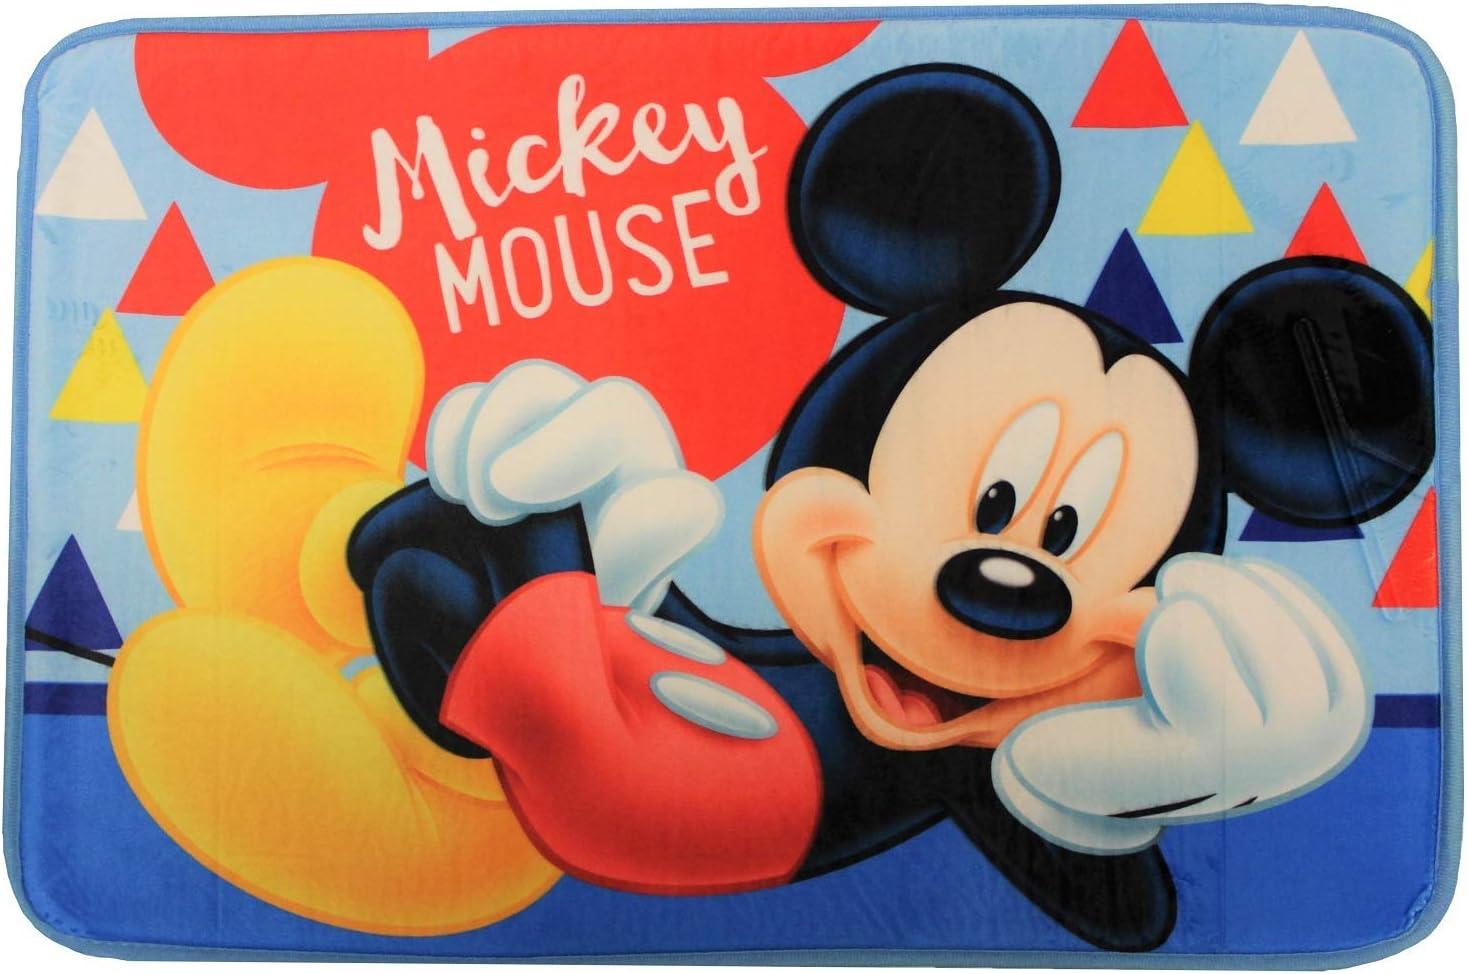 Badeteppich 40 x 60 cm f/ür Kinder Cars Mickey Mouse Frozen Mickey Maus Spider-Man Unbekannt Badematte Verschiedene Motive aus Film und Fernsehen Minnie Maus Ariel die Meerjungfrau